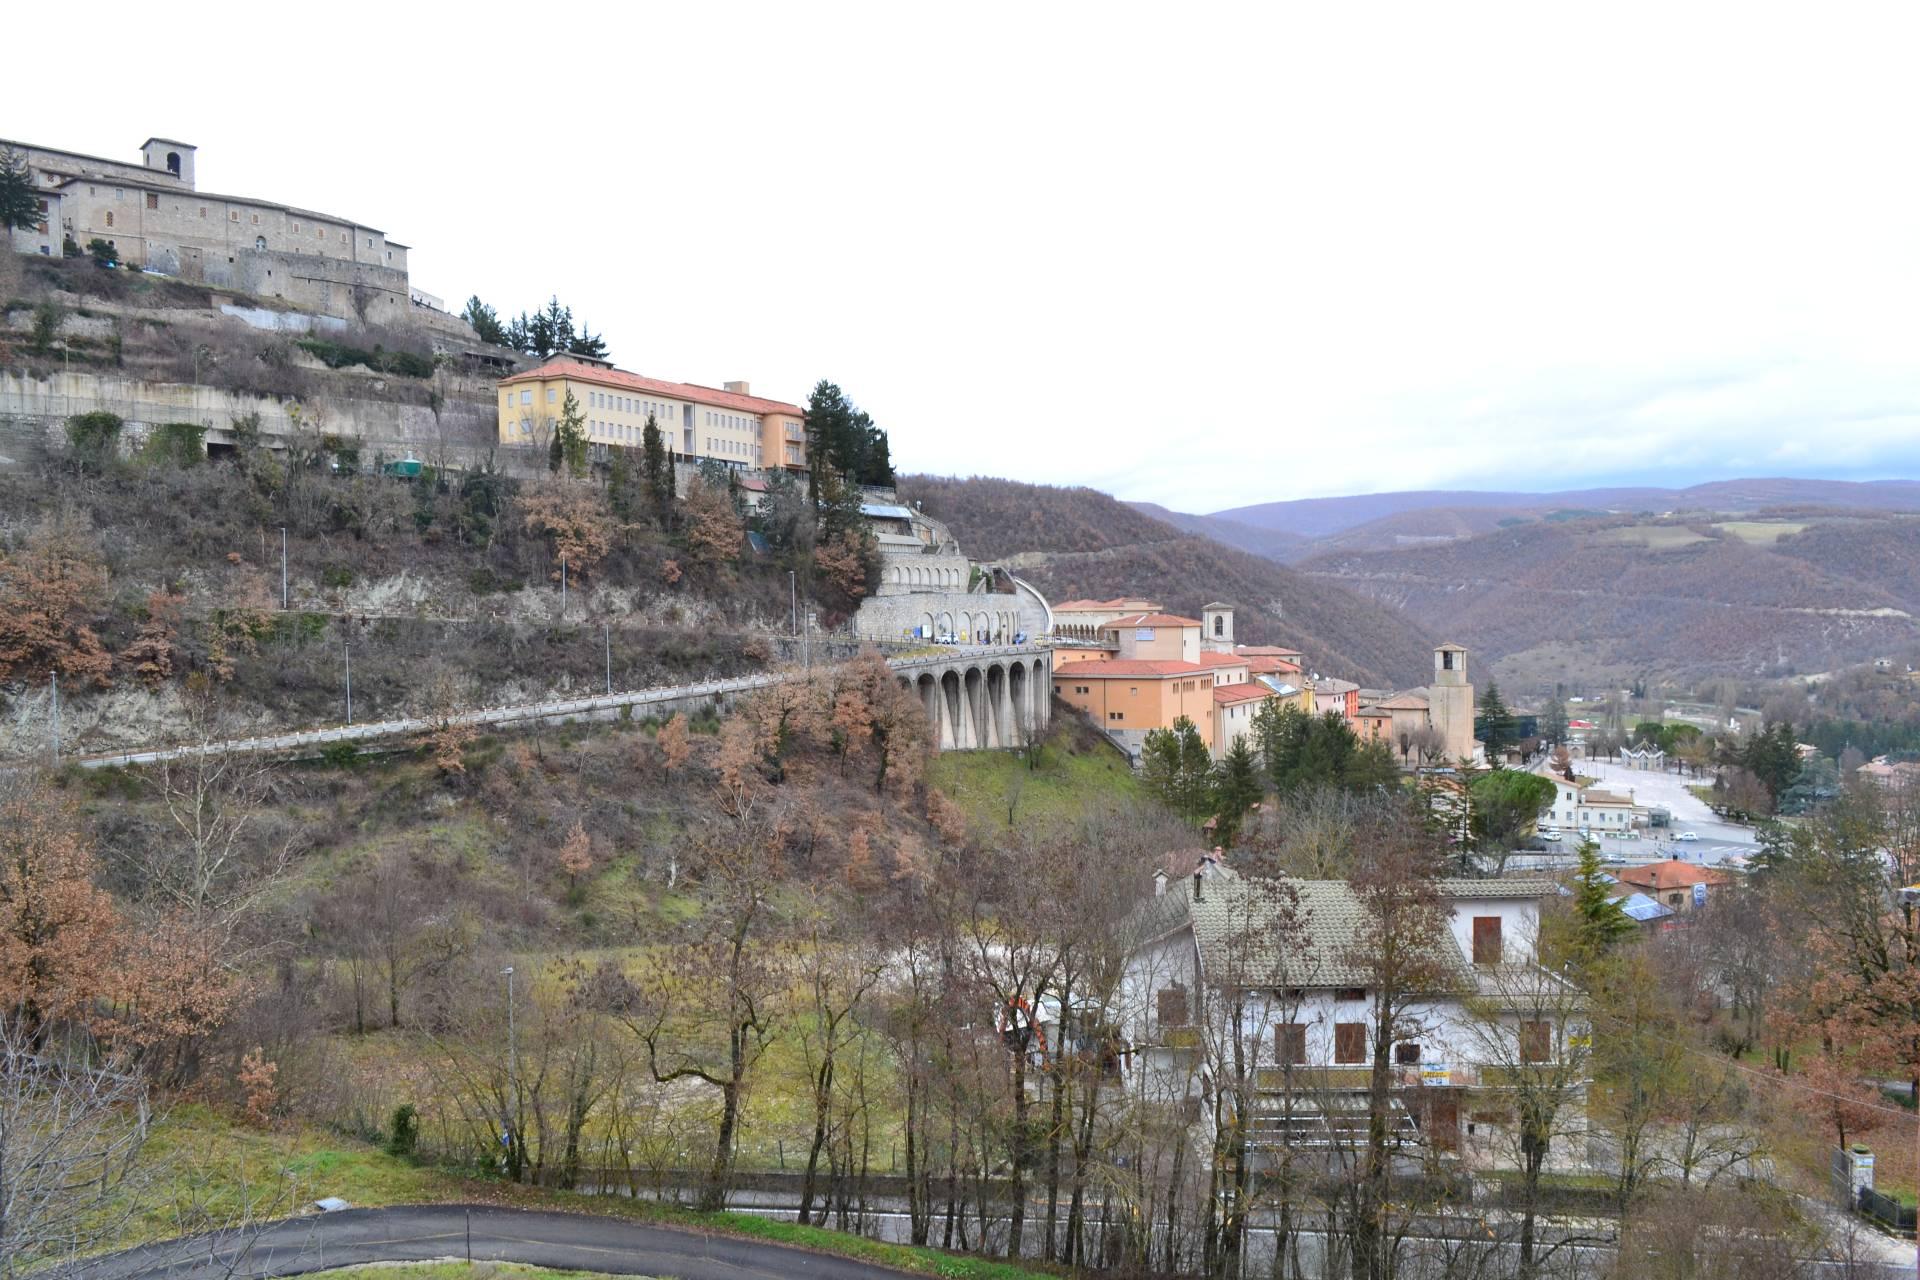 Appartamento in vendita a Cascia, 4 locali, prezzo € 45.000 | Cambio Casa.it